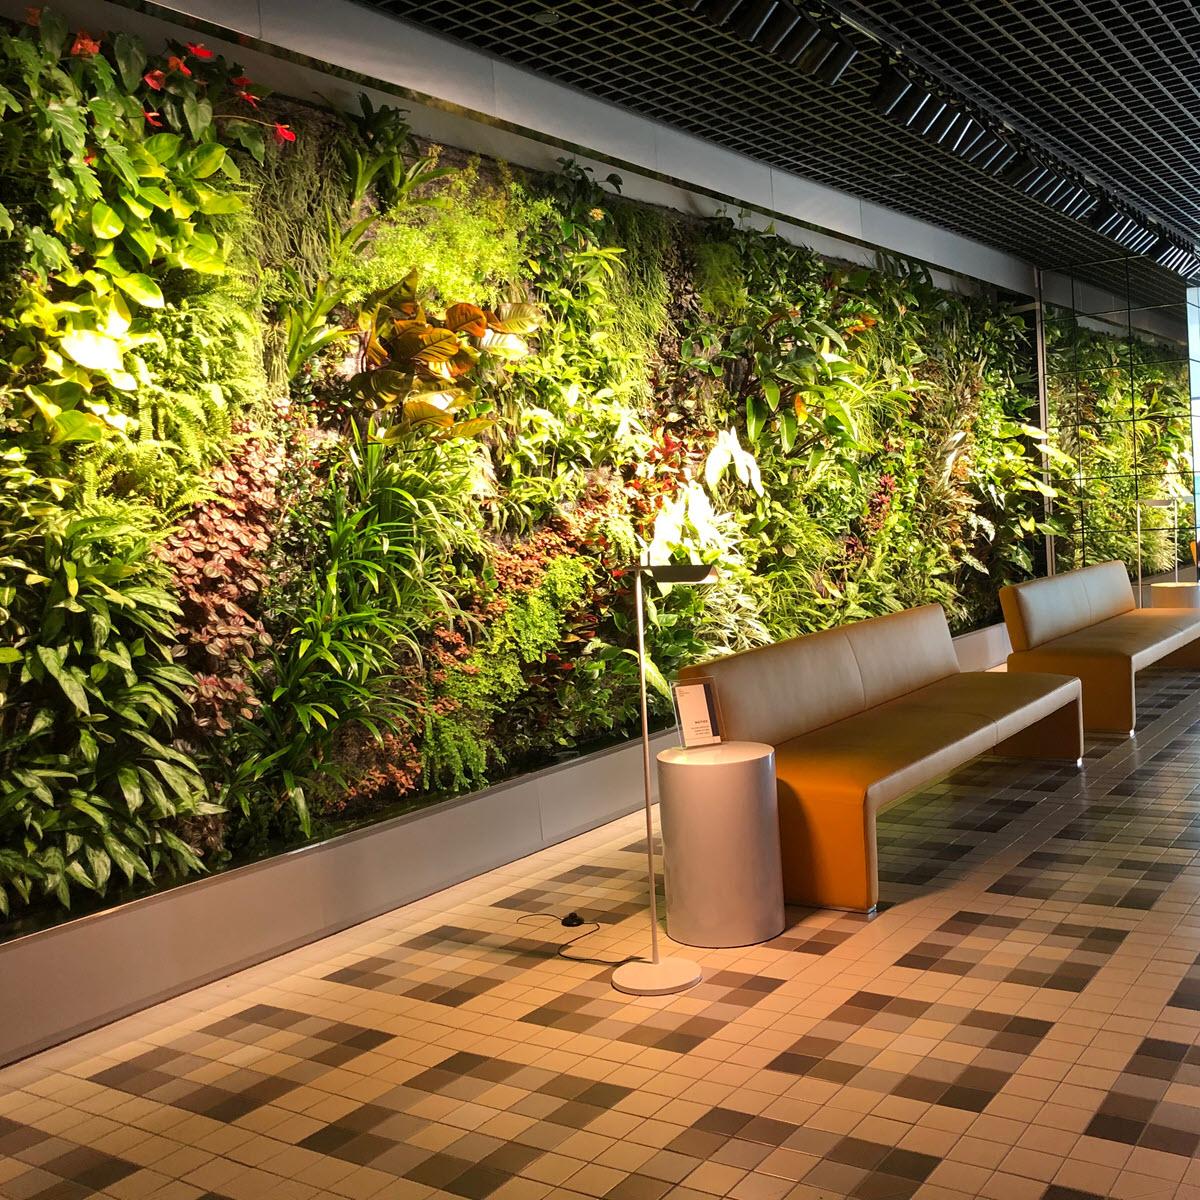 Feature Wall Design - Vertical Garden Feature Wall 01